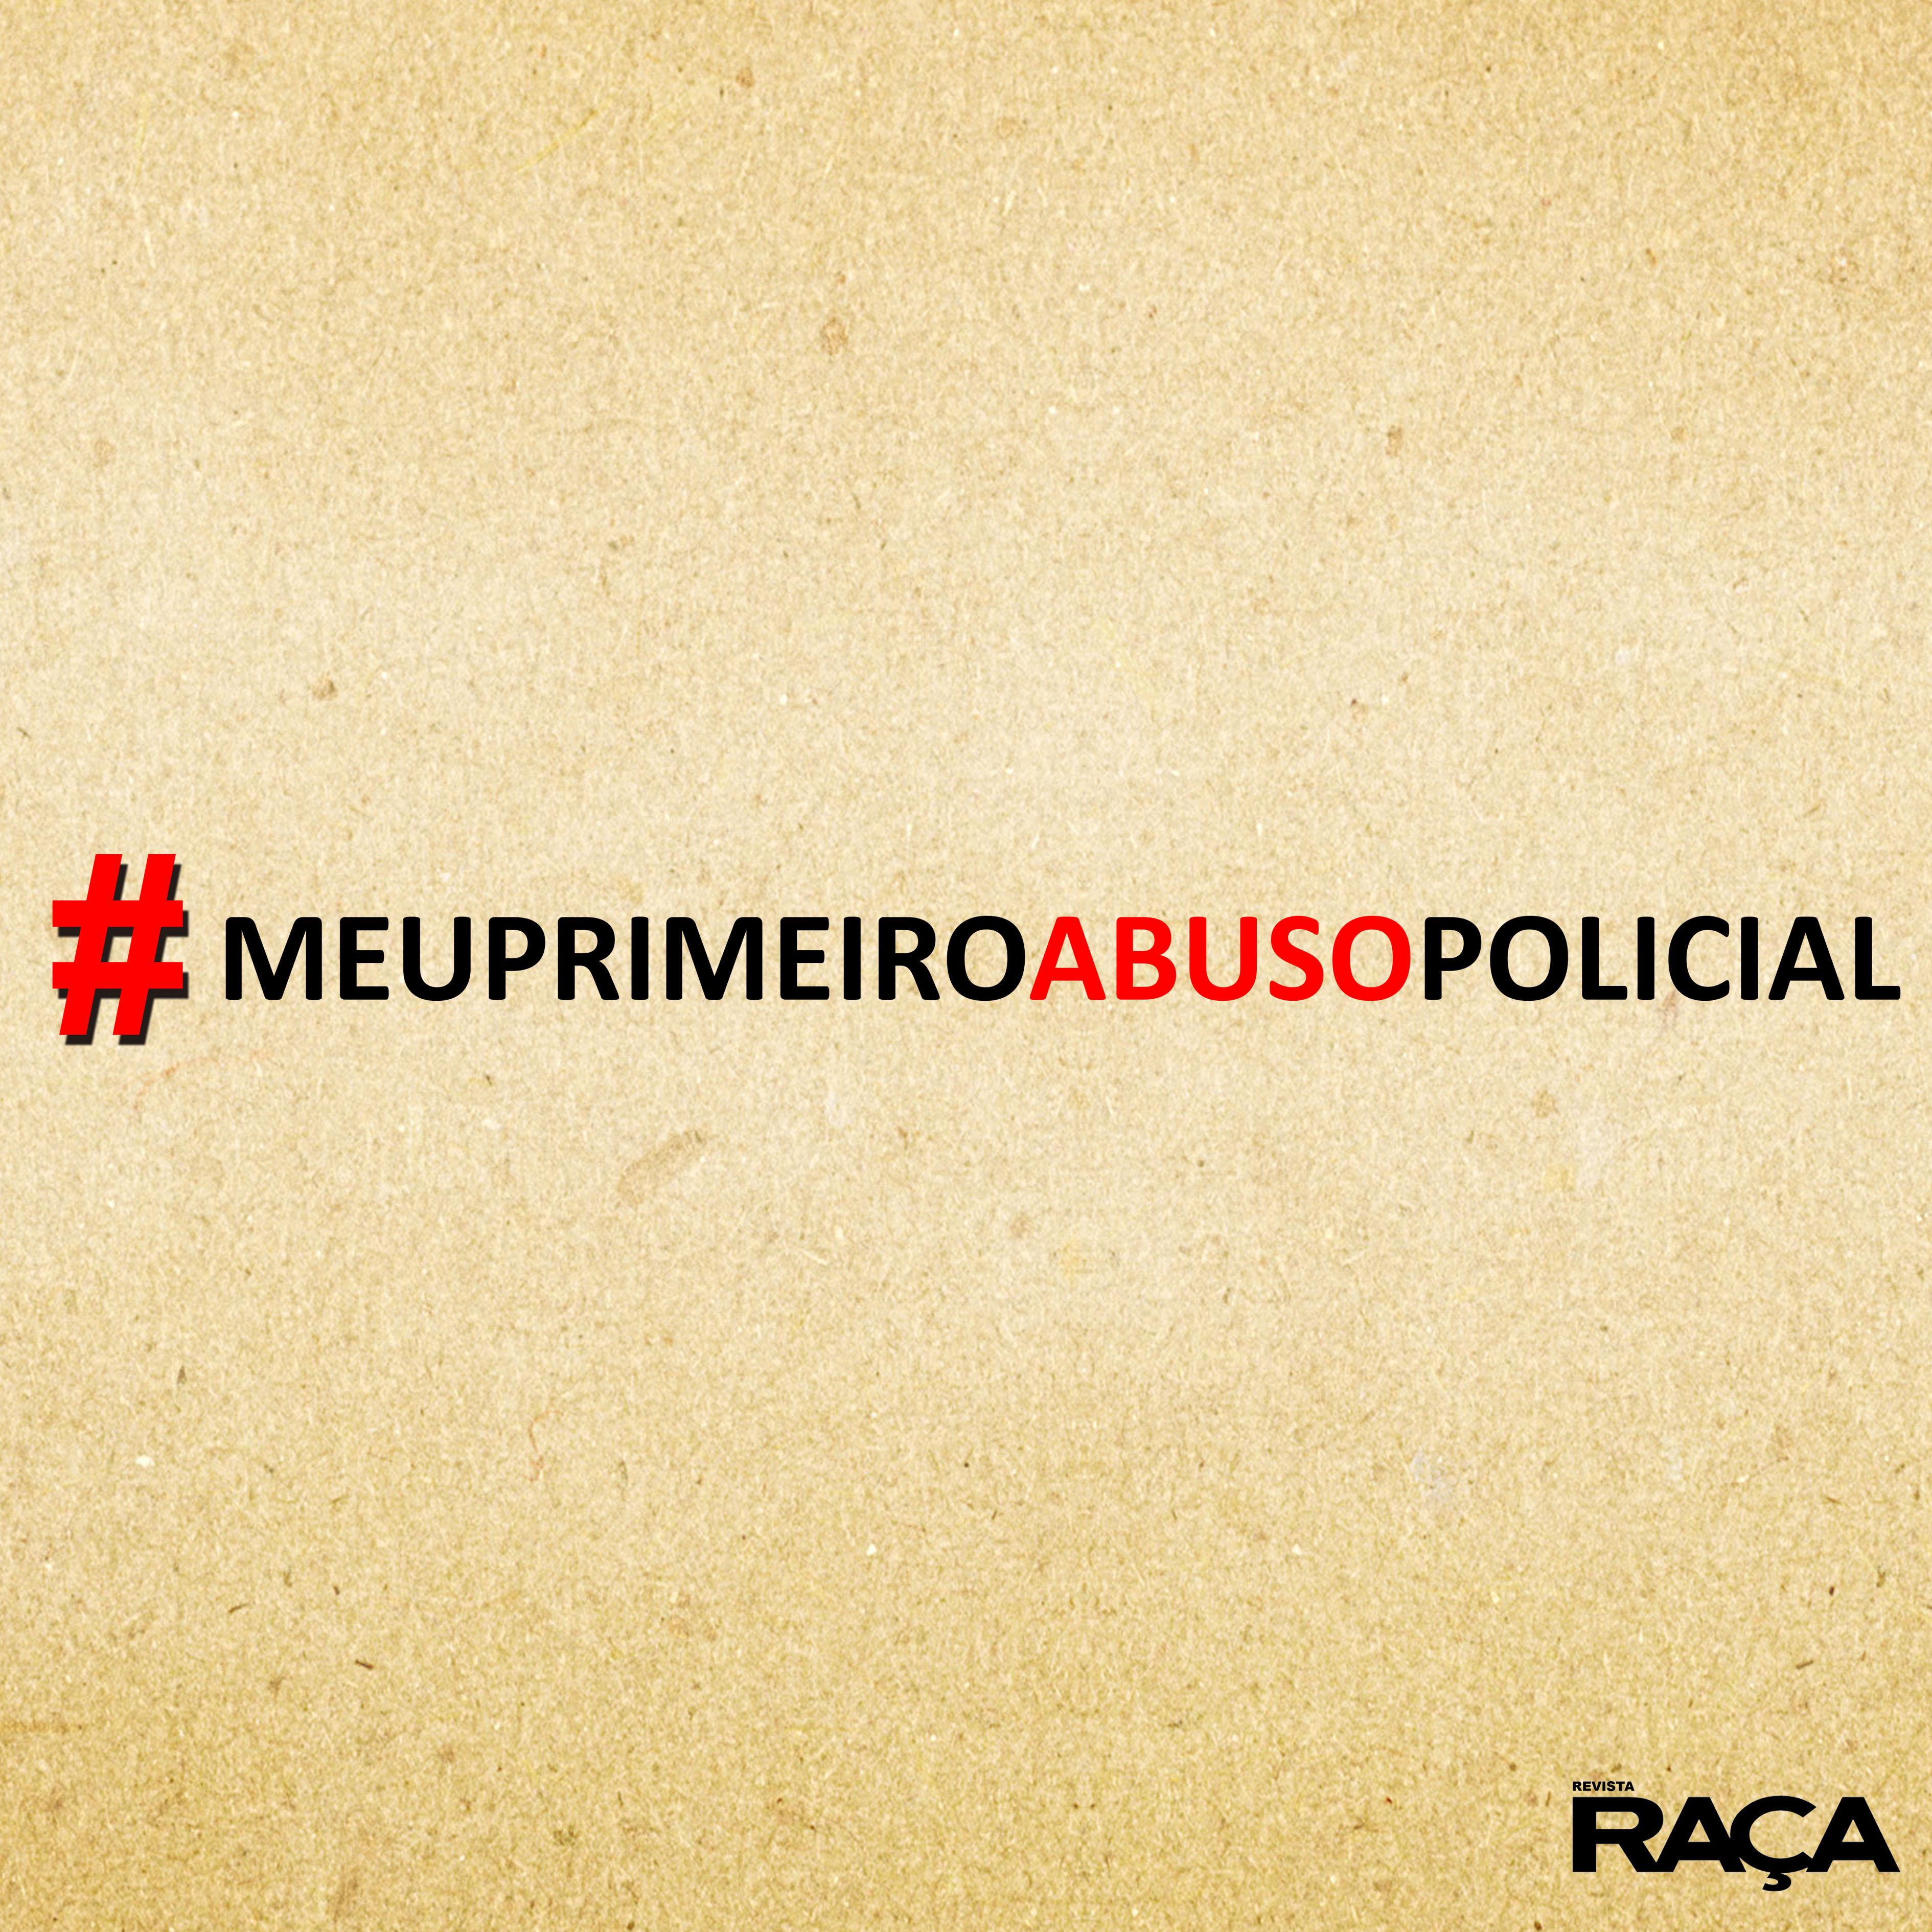 https://revistaraca.com.br/wp-content/uploads/2017/06/campanha.jpg